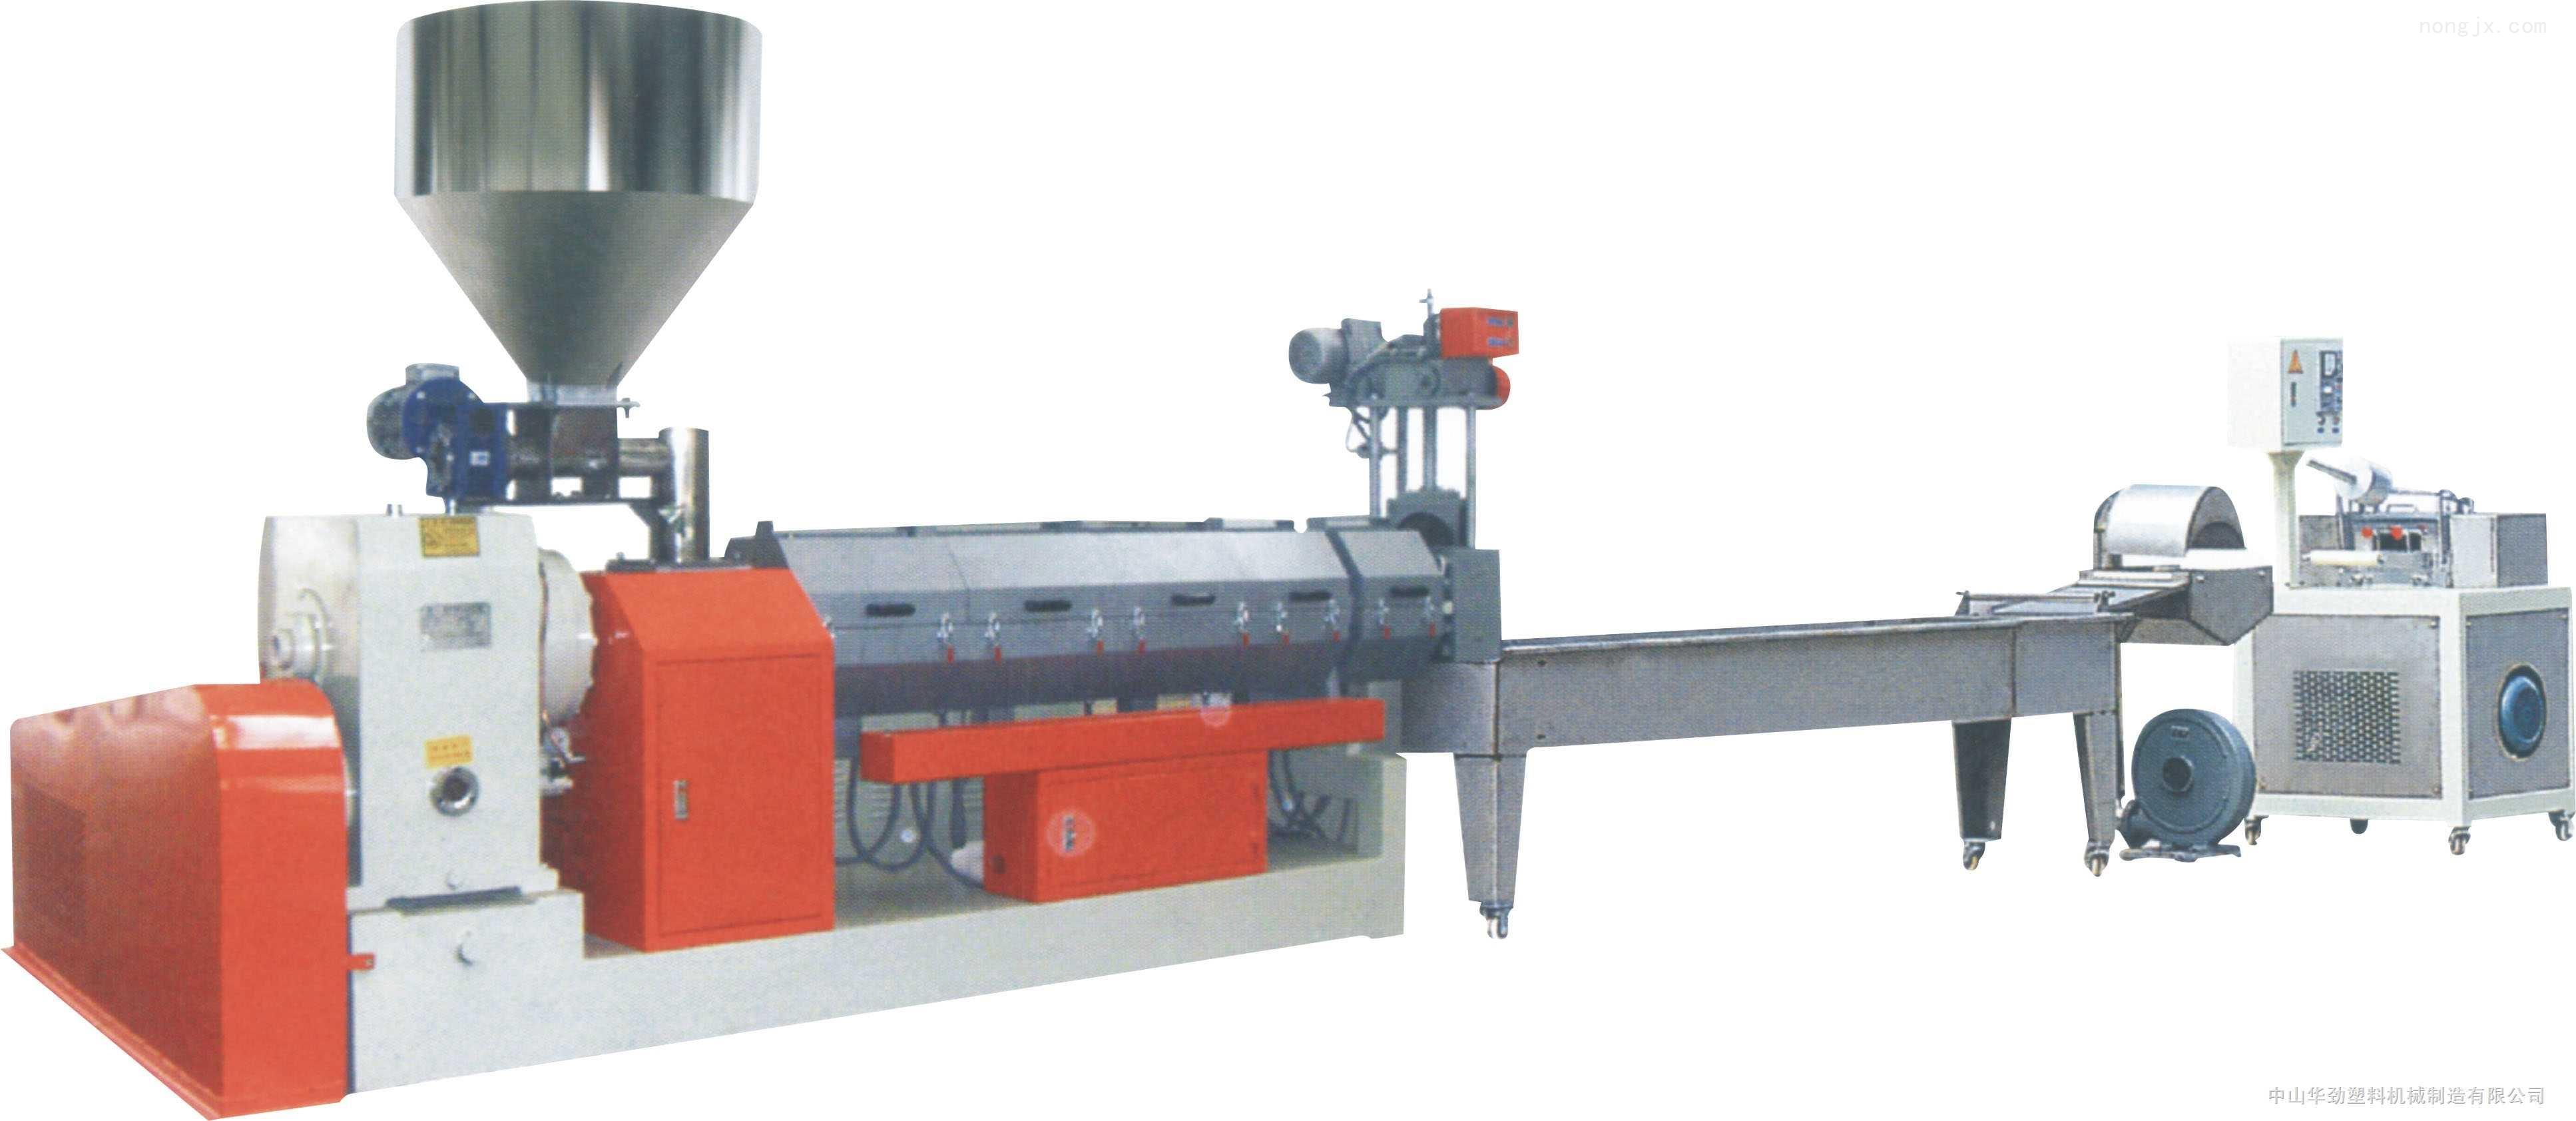 厂家直销,品质保证 LDPE水环切塑料挤出造粒机 G4-160/150